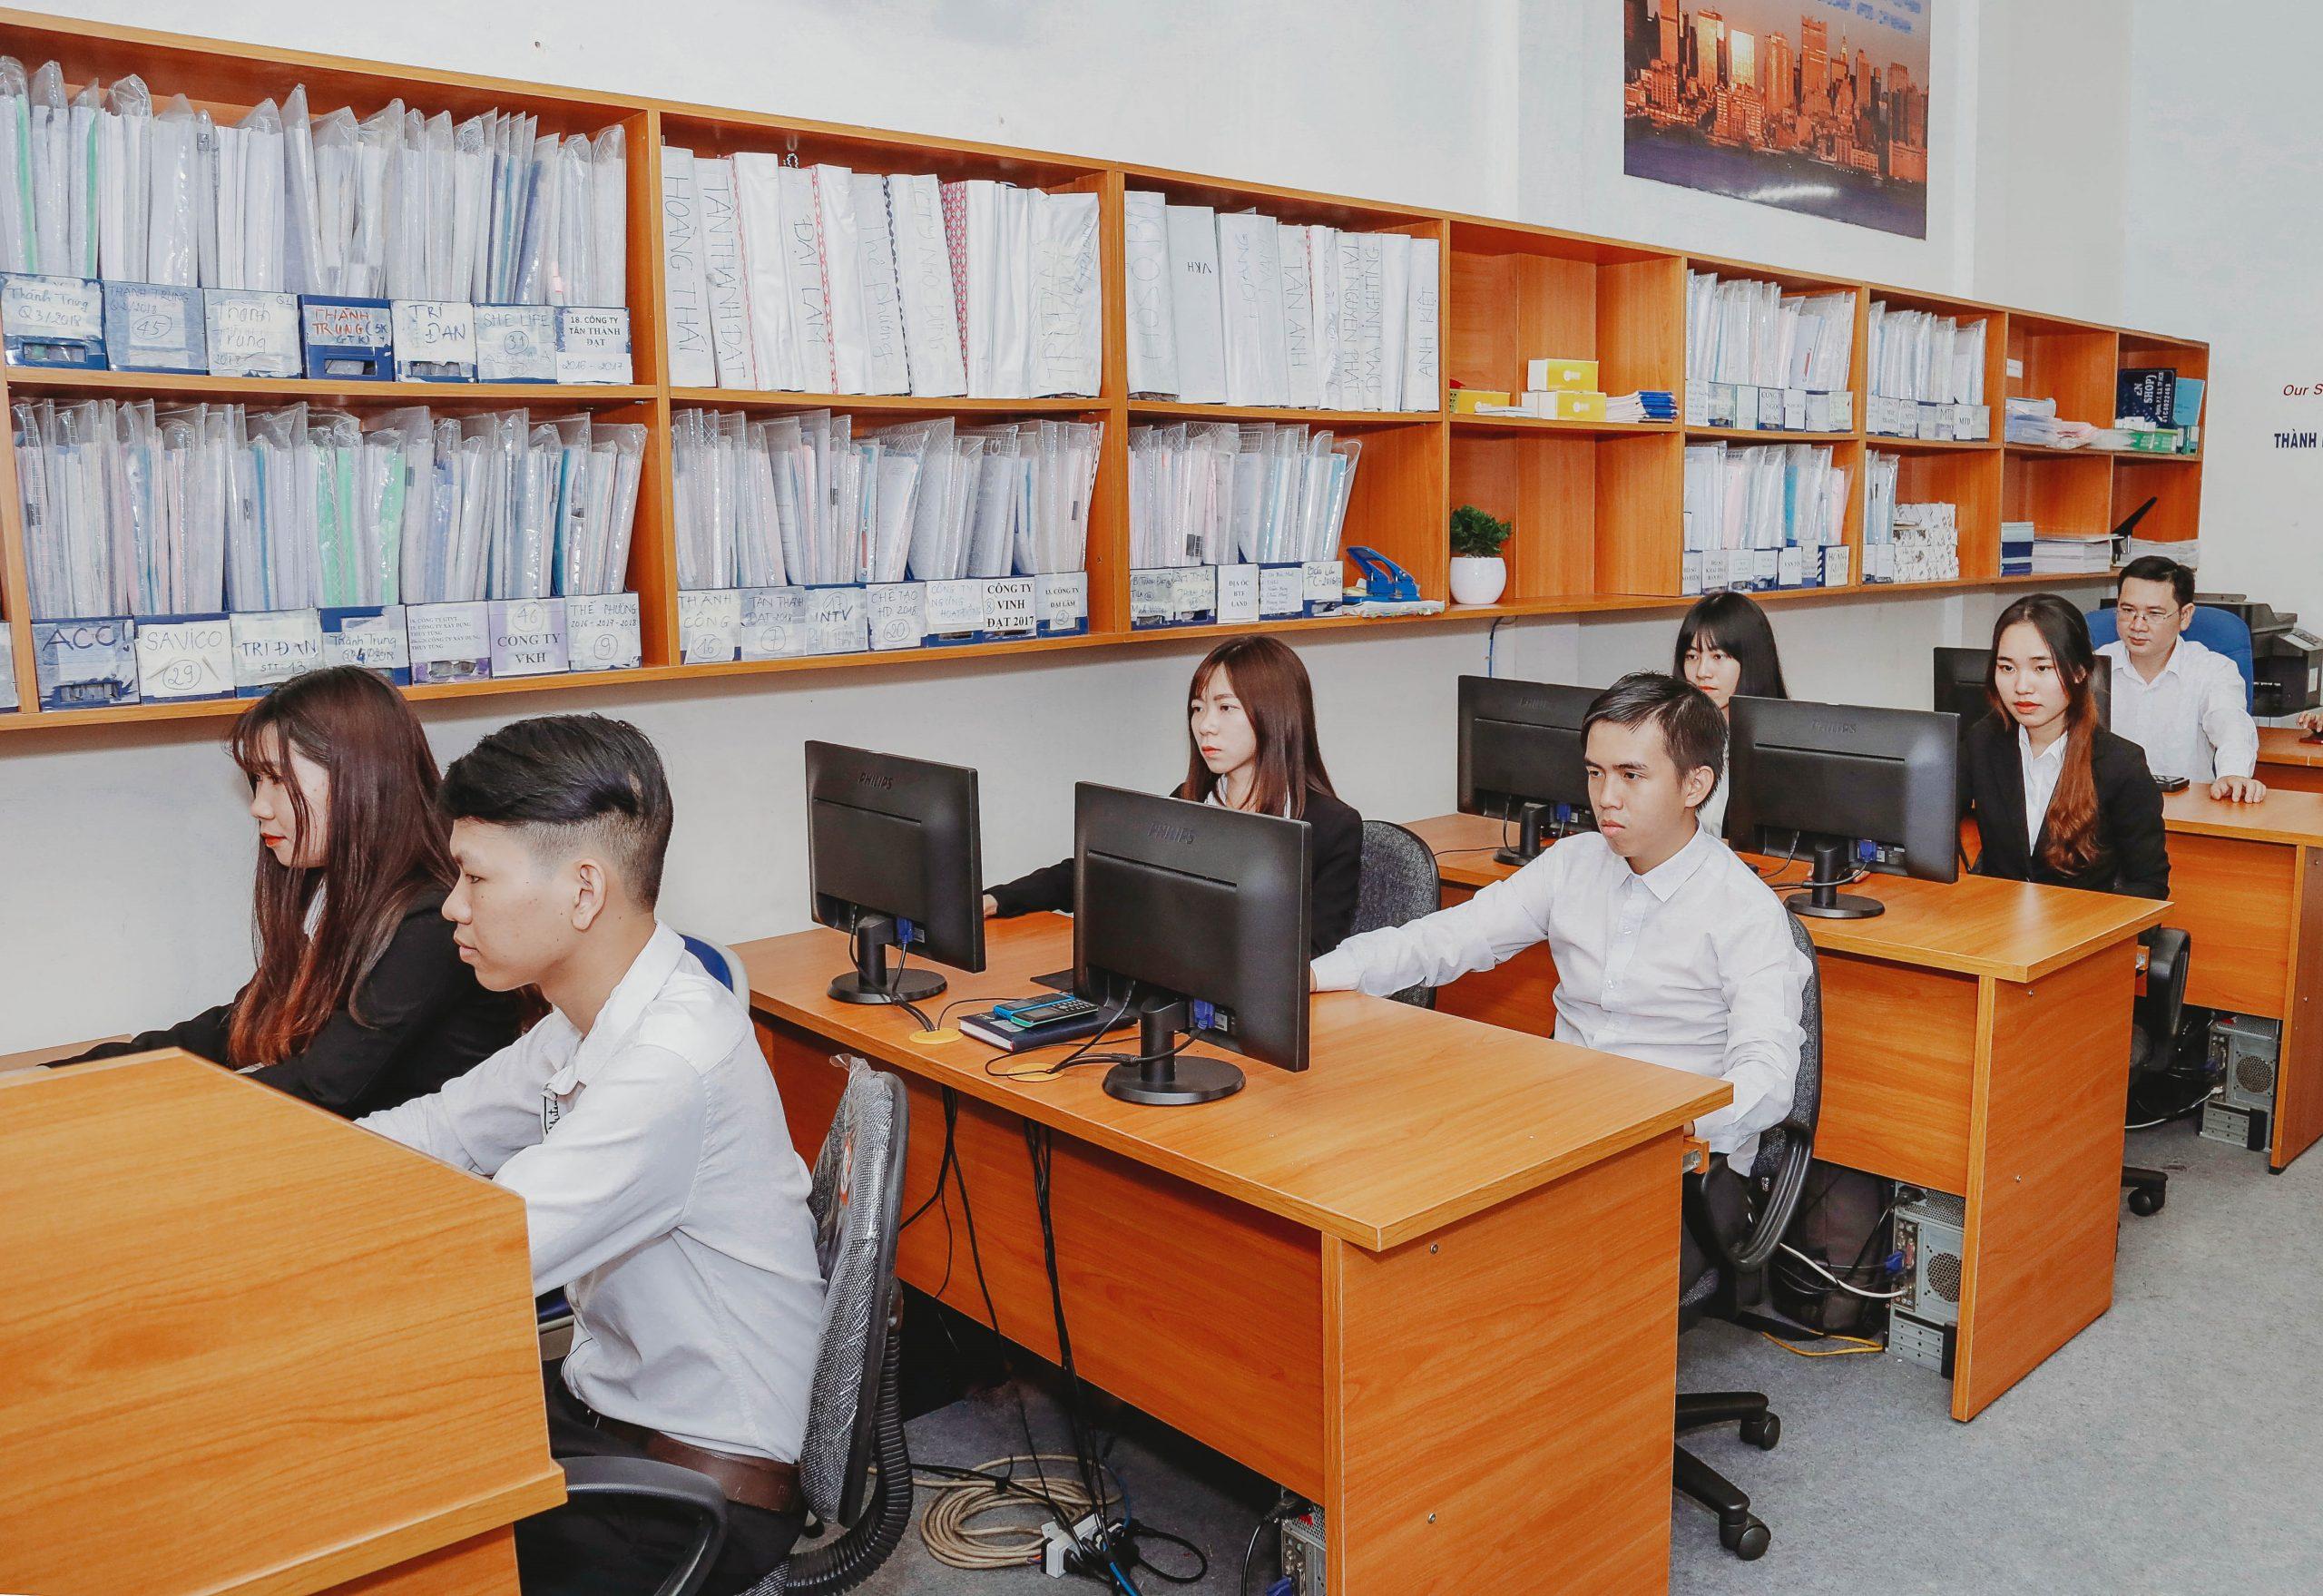 Dịch vụ thành lập doanh nghiệp trọn gói, Dich vu thanh lap doanh nghiep tron goi